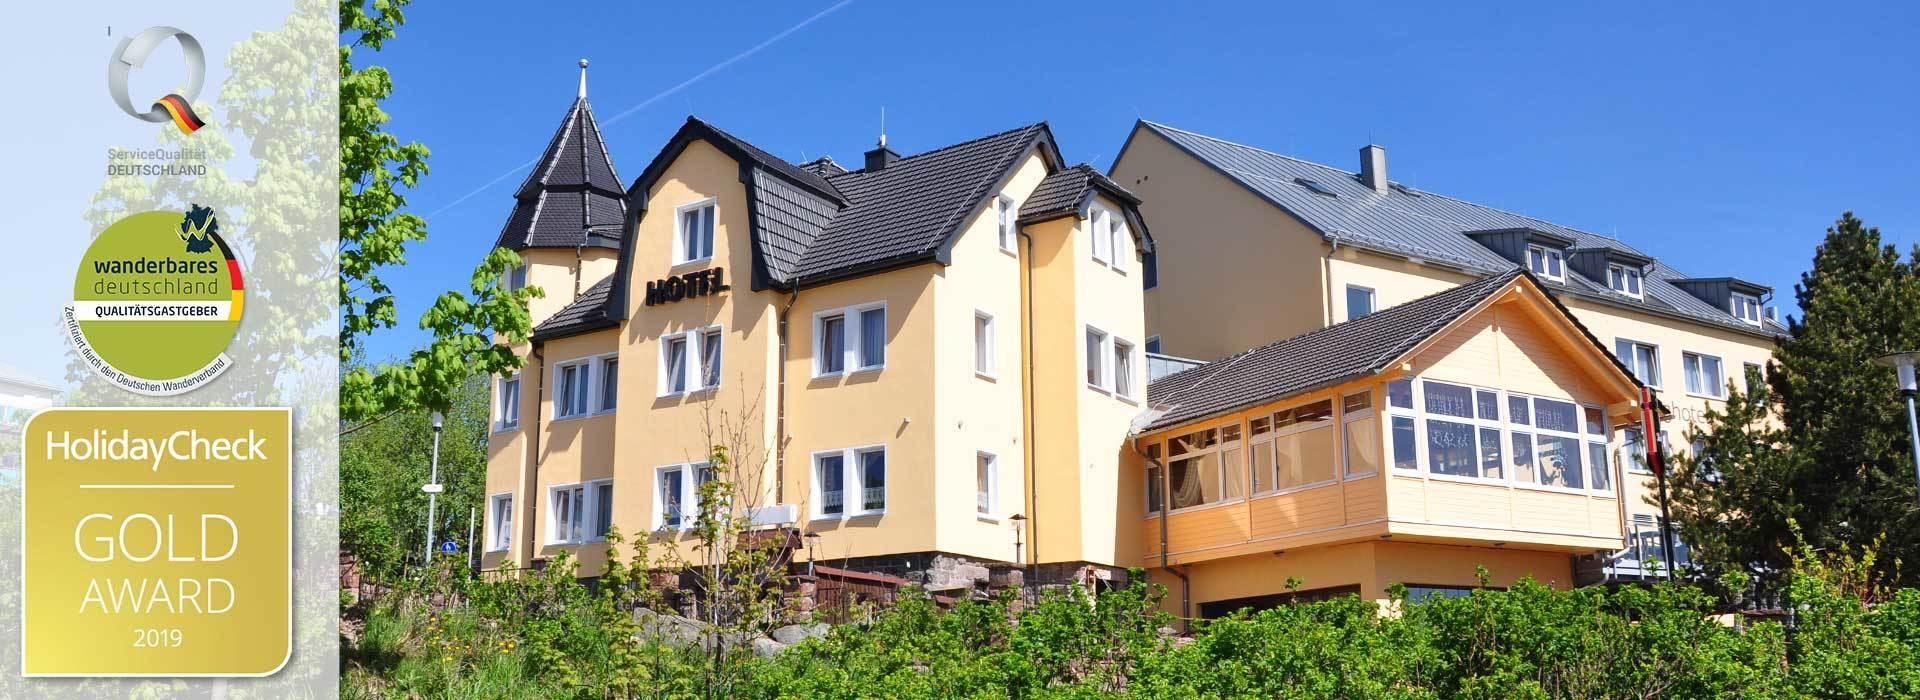 Gruppenhotel in Oberhof, Bild Schlossberghotel mit Auszeichnungen